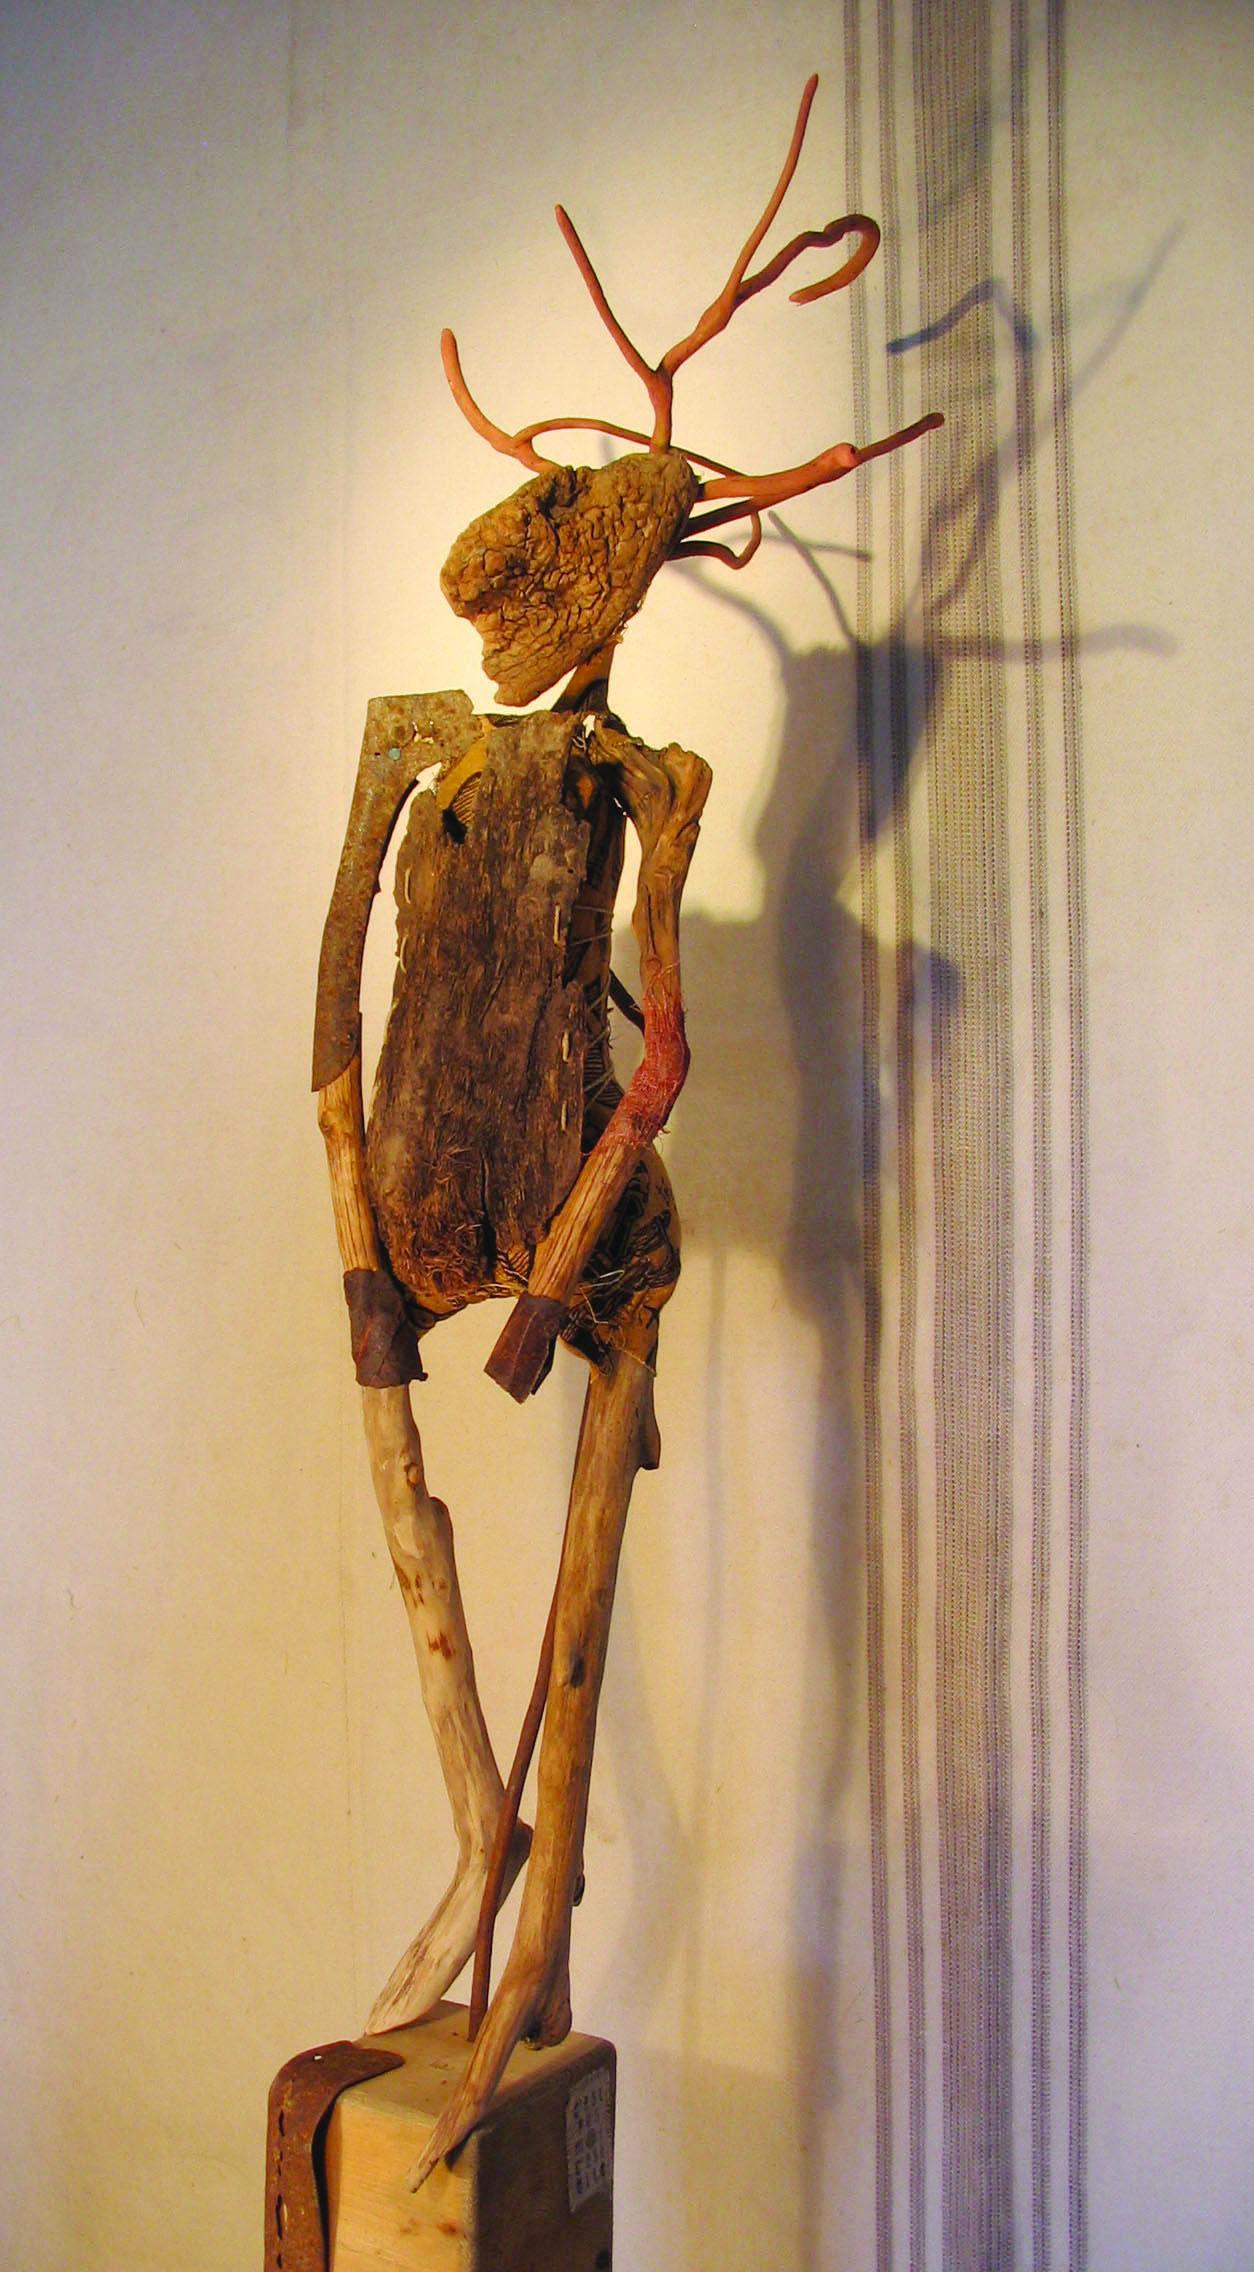 Le faune sculpture bois flott tissu m tal co for Realisation bois flotte